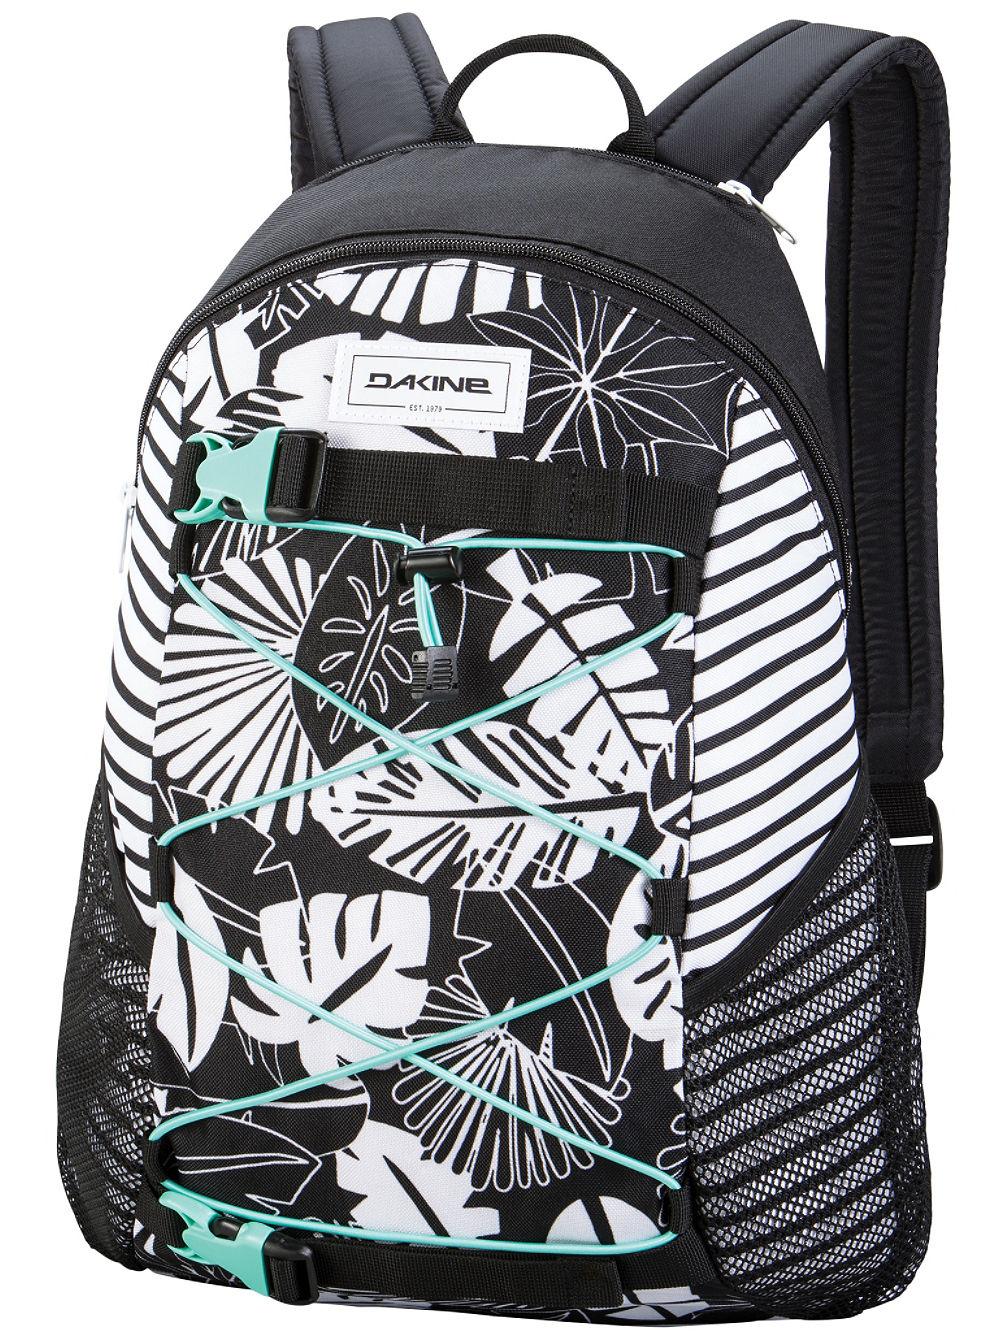 dakine-wonder-15l-backpack